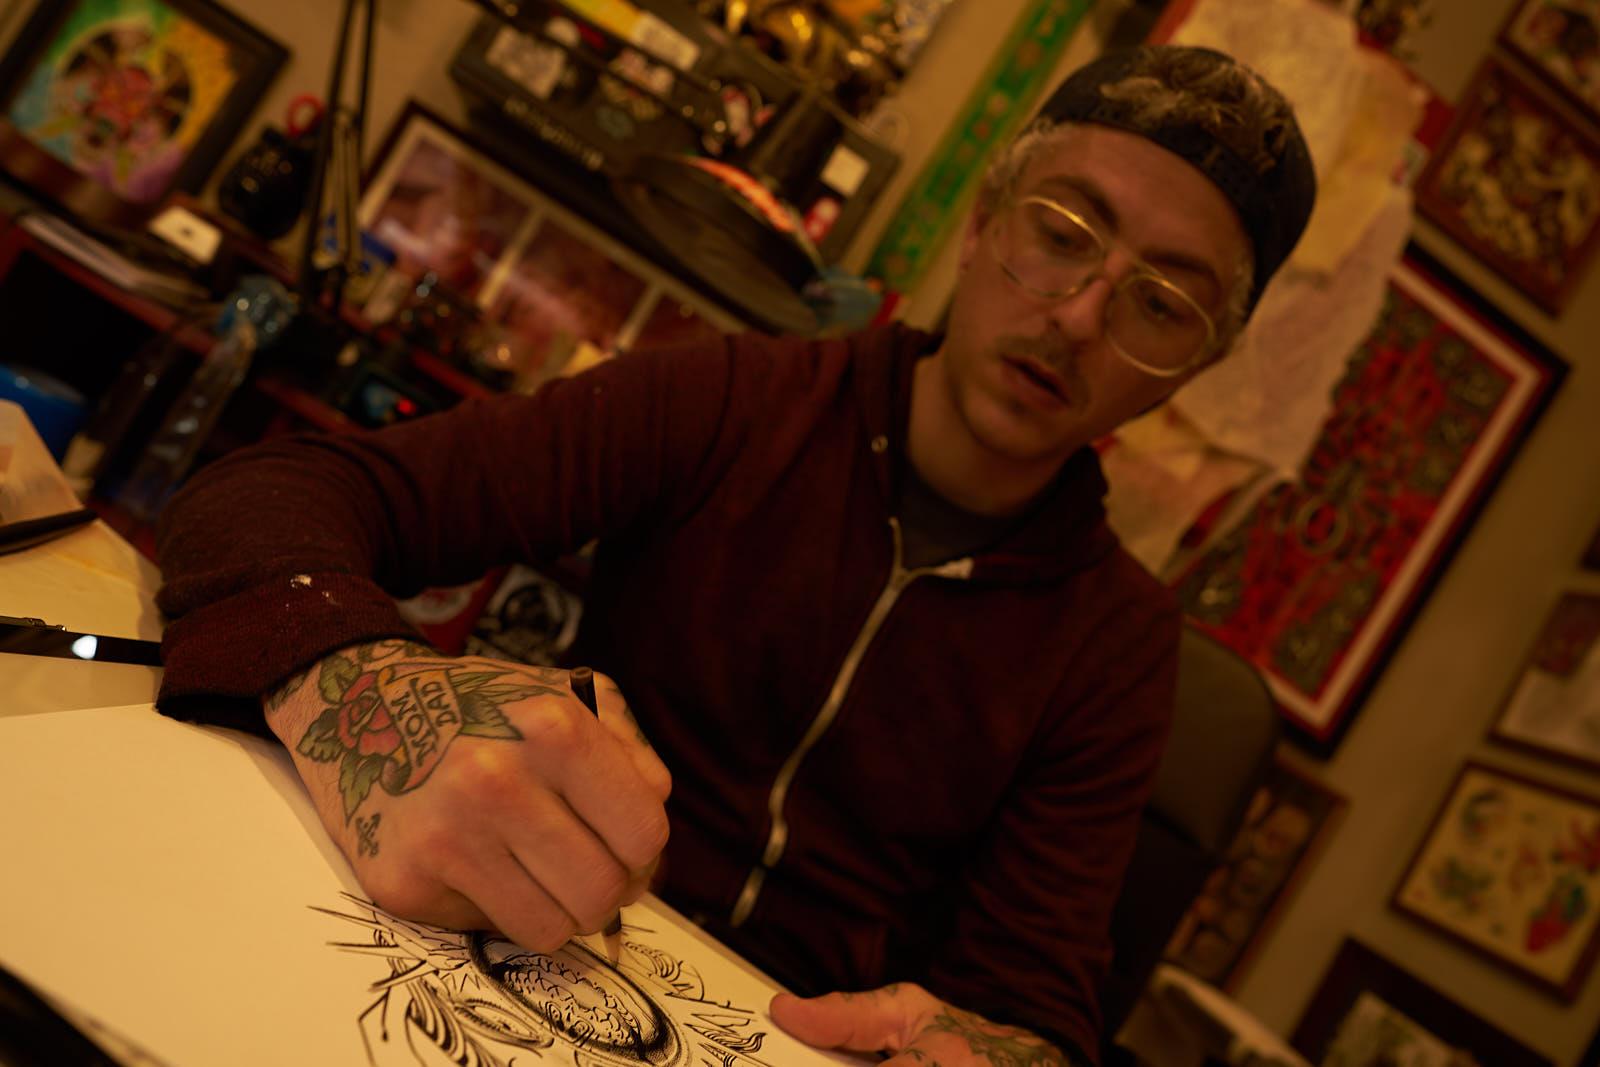 Nick Rizzano - Tattooer at Great Wave Tattoo